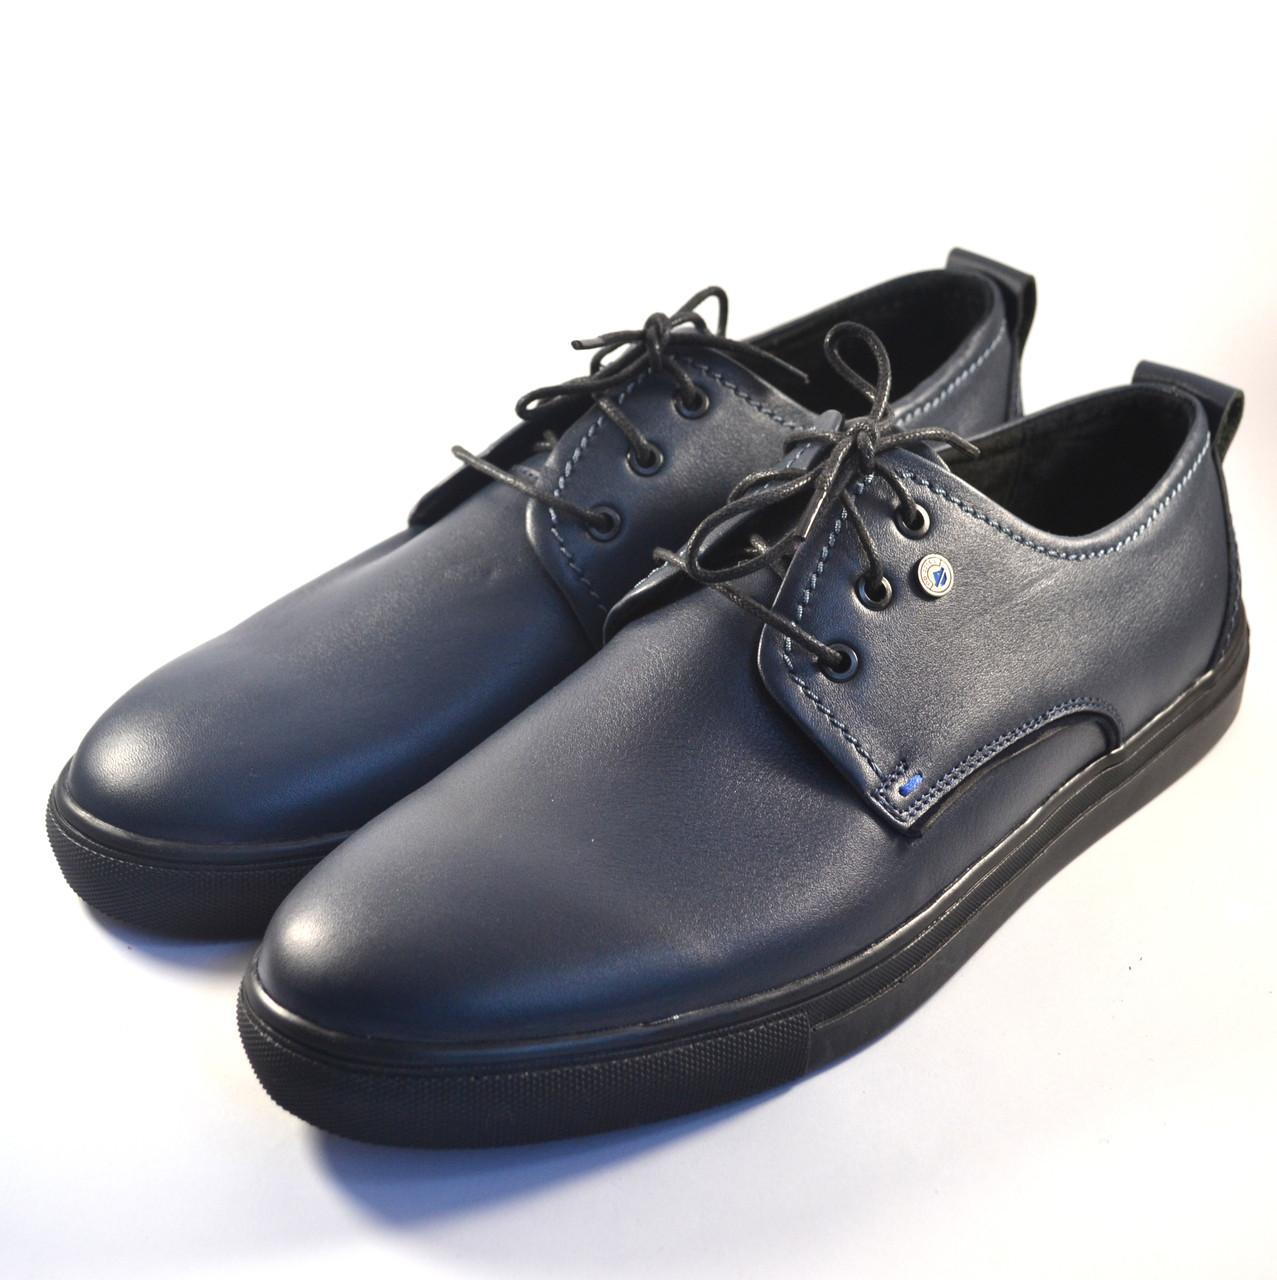 Слипоны синие кроссовки кожаные мужская обувь больших размеров Rosso Avangard BS OrigSlipy Blu Lether